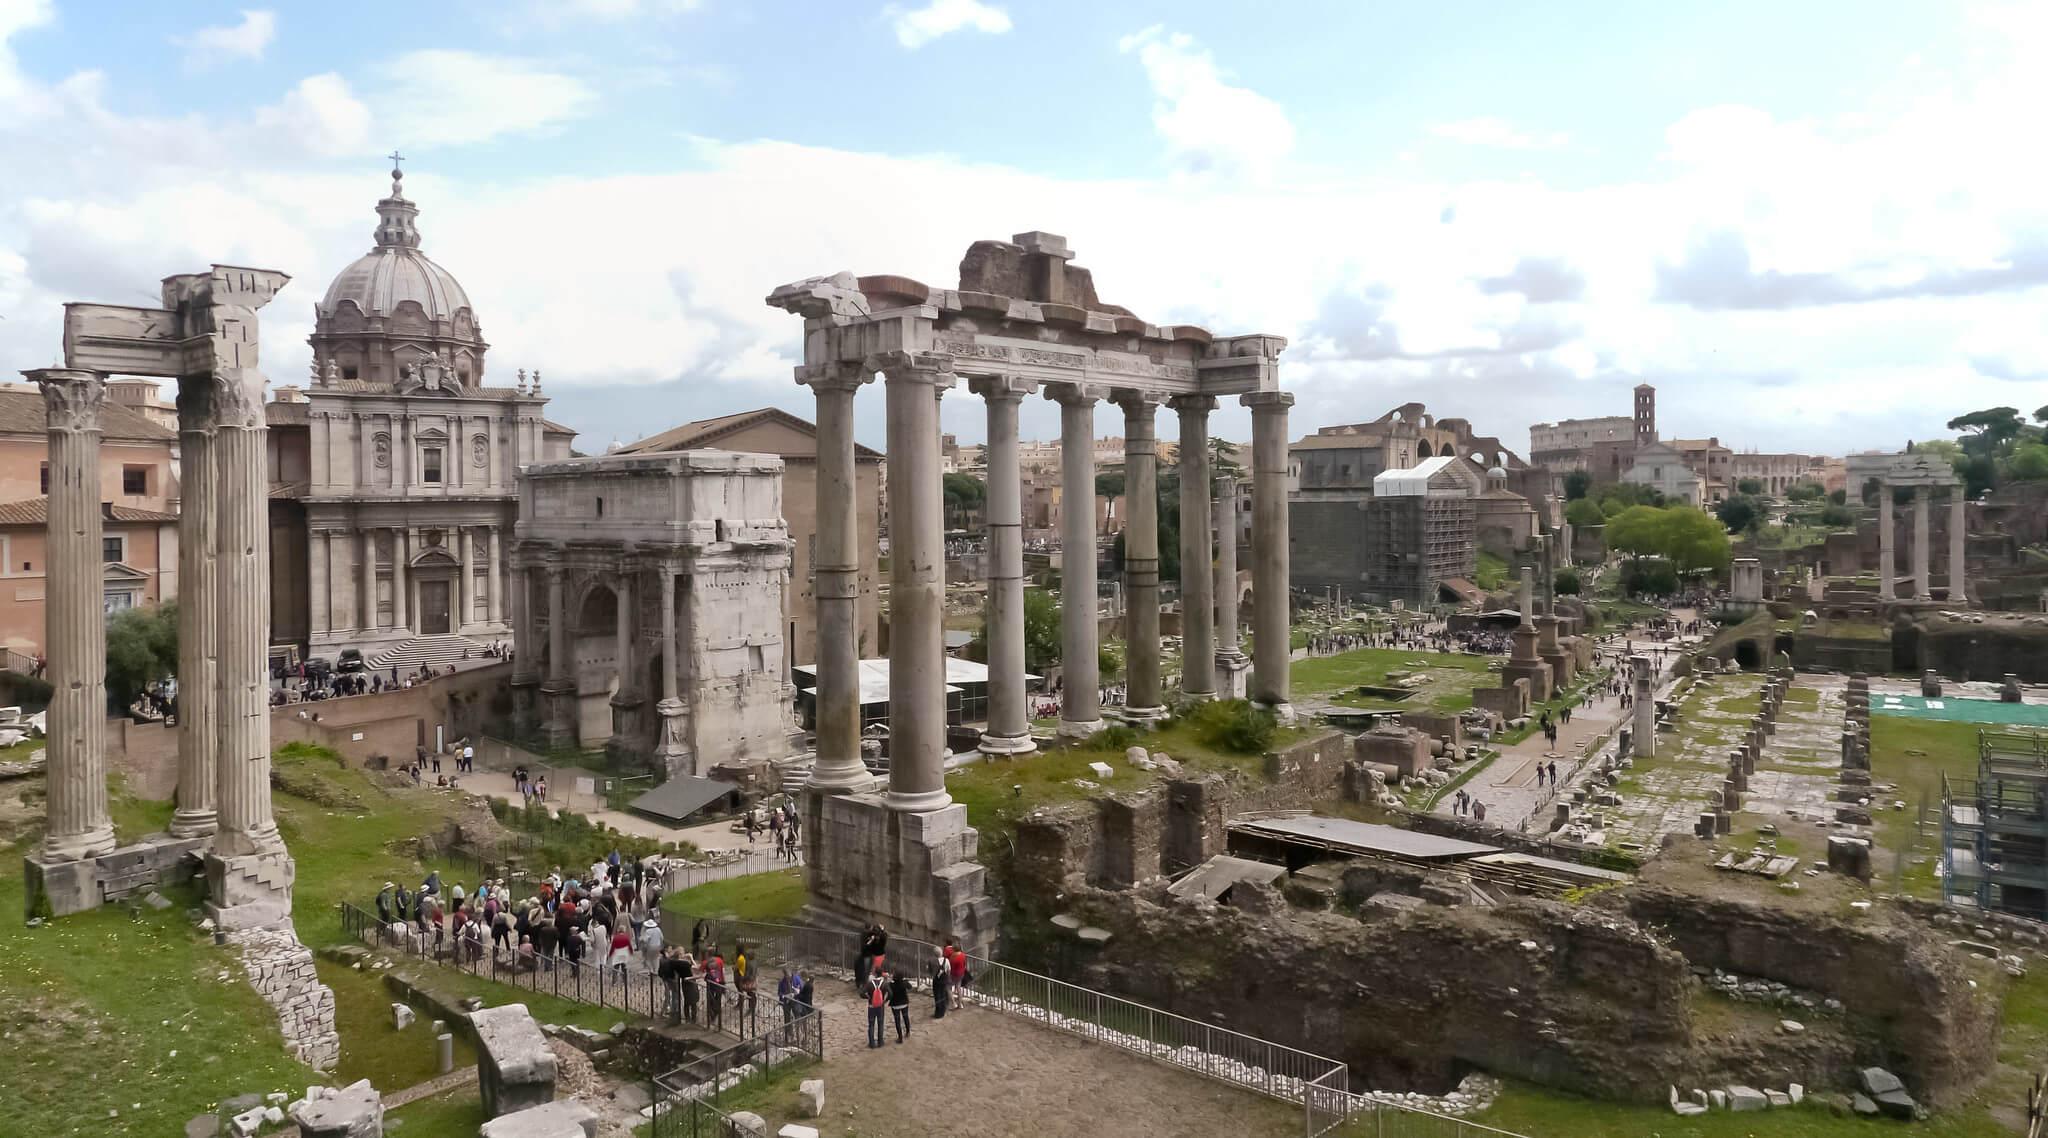 Le Colisée, le Forum Romain et le mont Palantin, vestiges de l'époque de Rome Antique, s'inscrivent parmi les attractions phares de la visite de Rome en 2 jours.